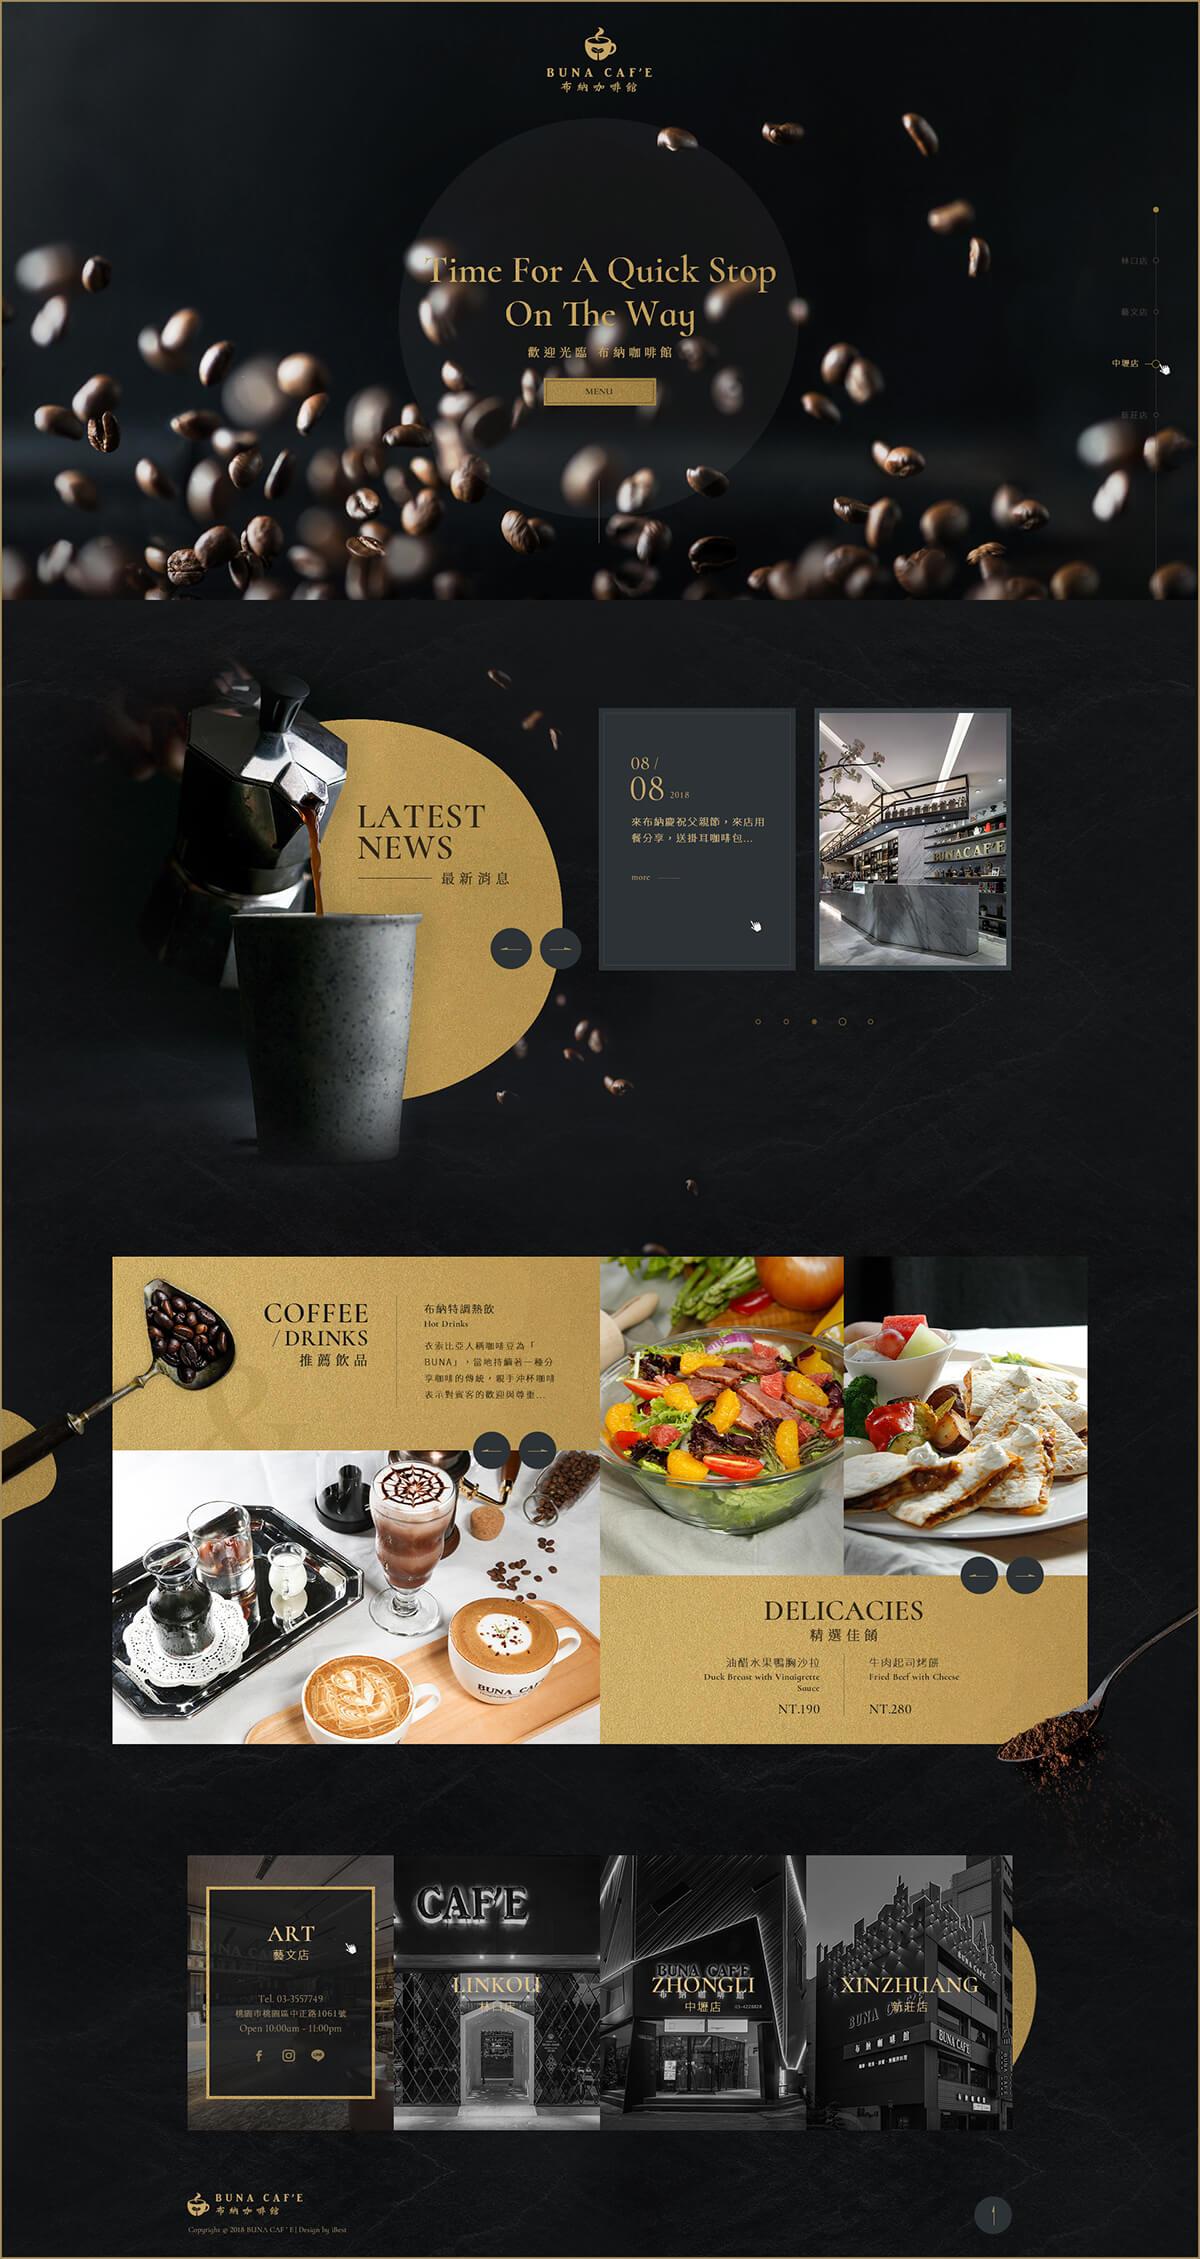 布納咖啡館-網頁設計